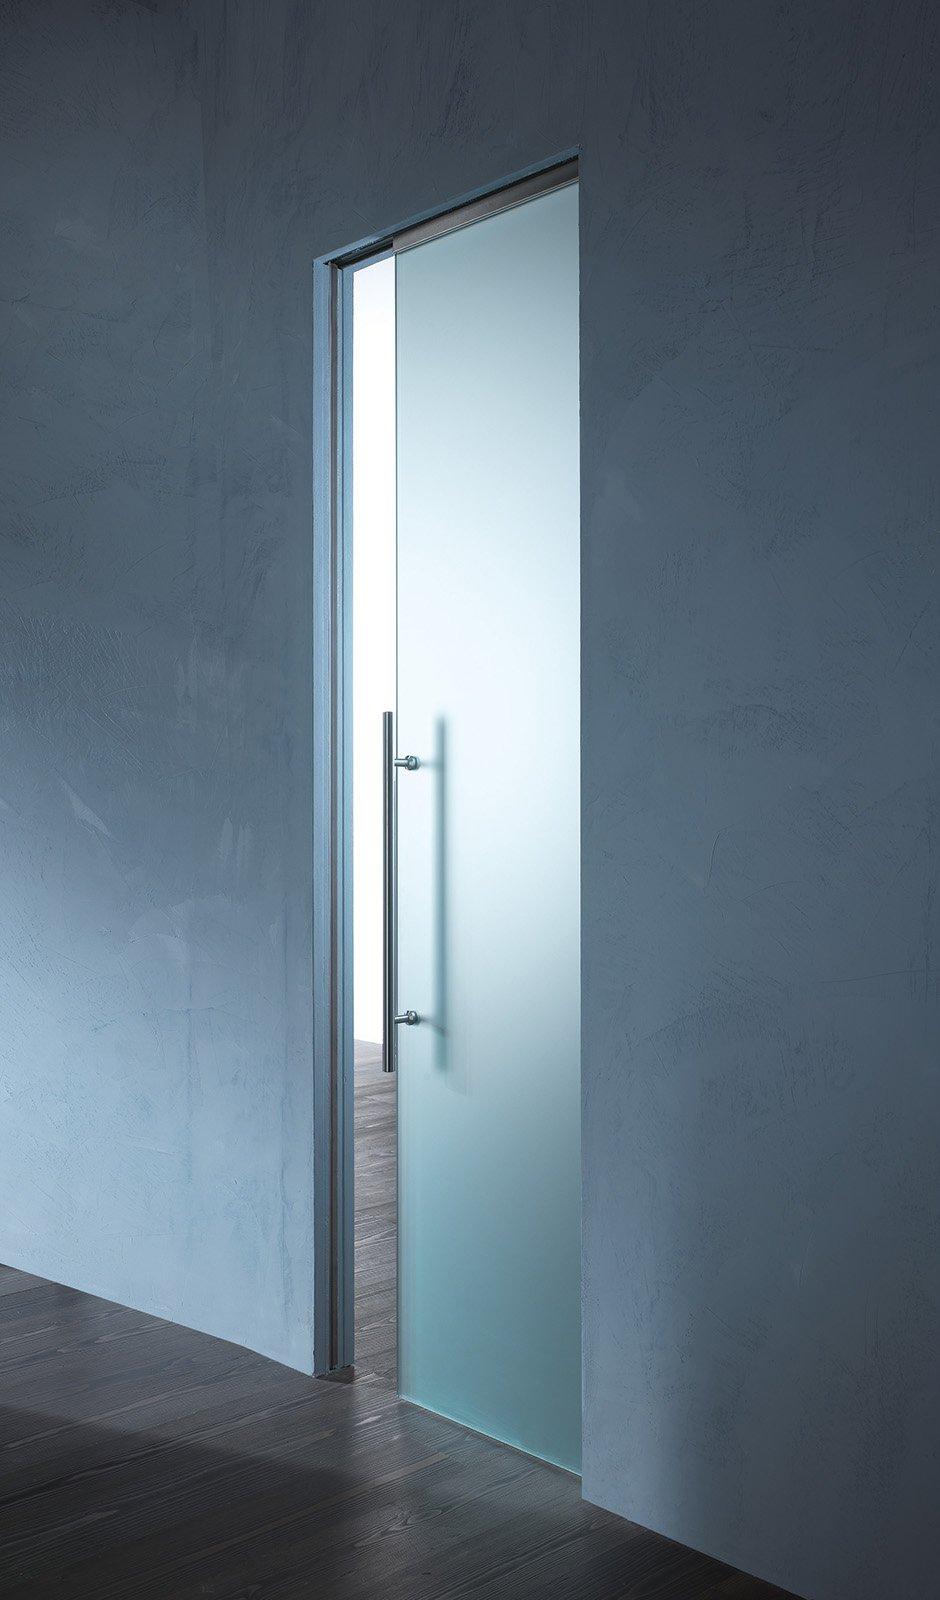 porte scorrevoli in vetro a scomparsa o esterno muro